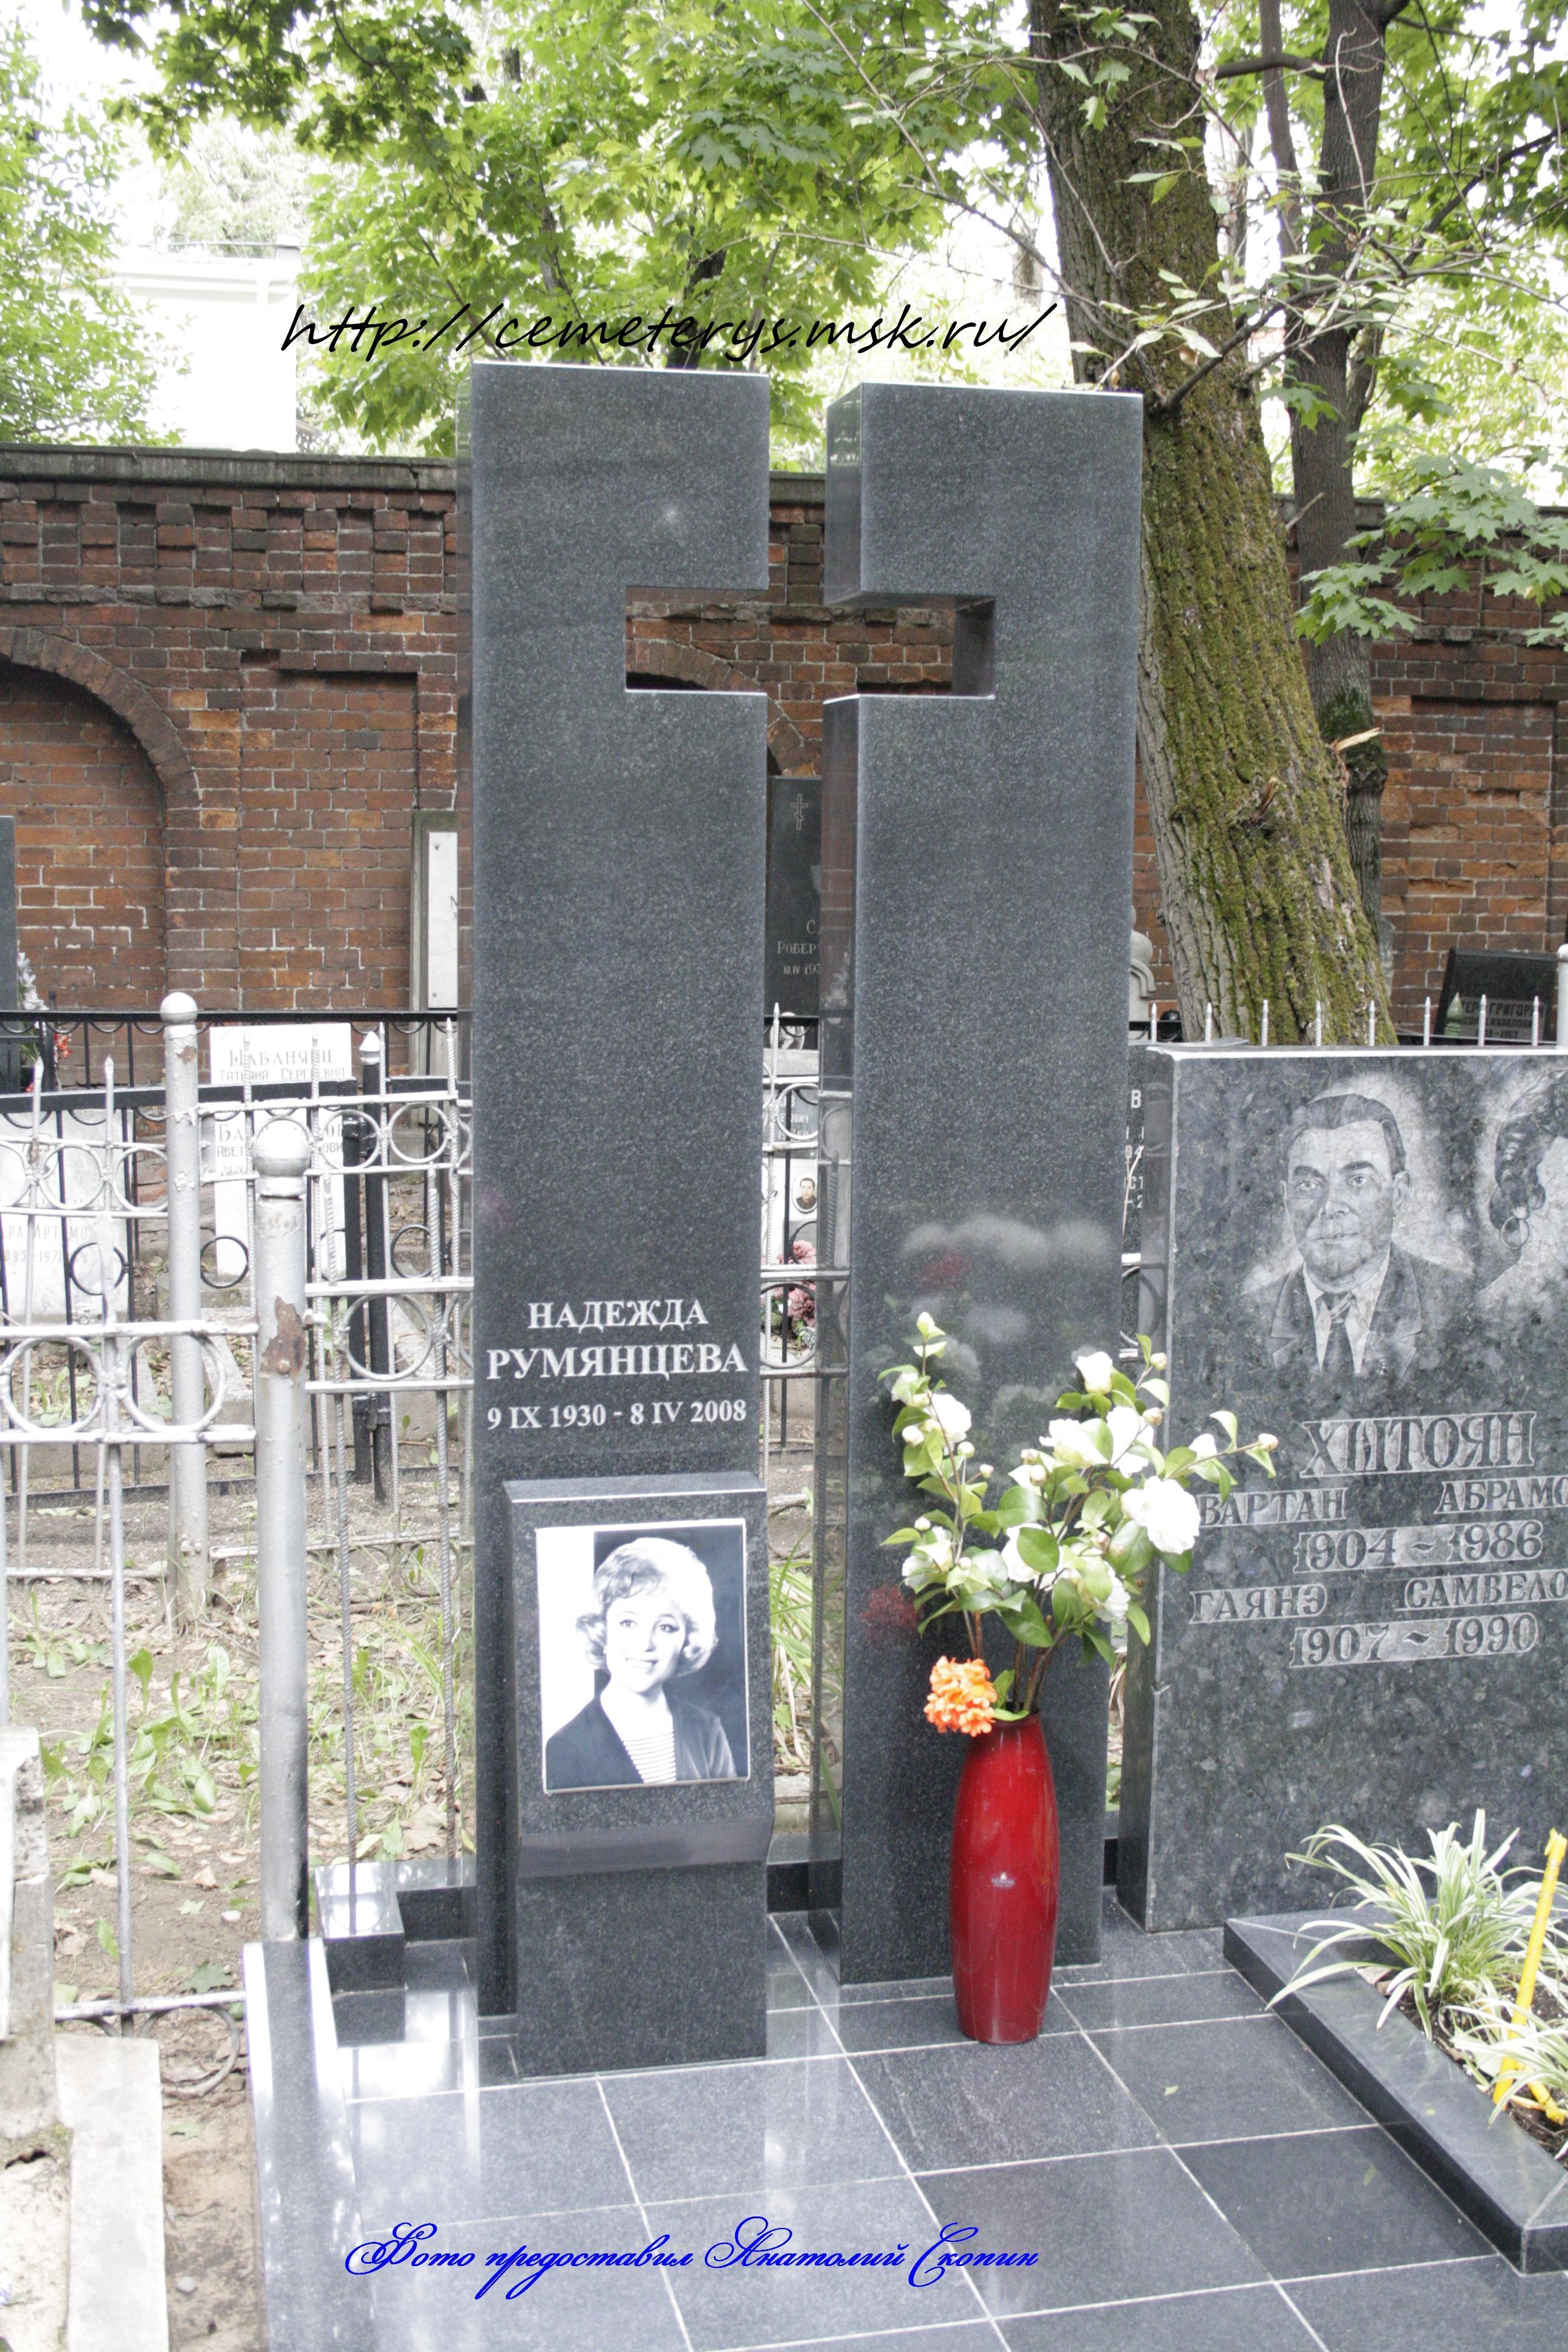 могила Надежды Румянцевой на Армянском кладбище в Москве ( фото Анатолия Скопина )